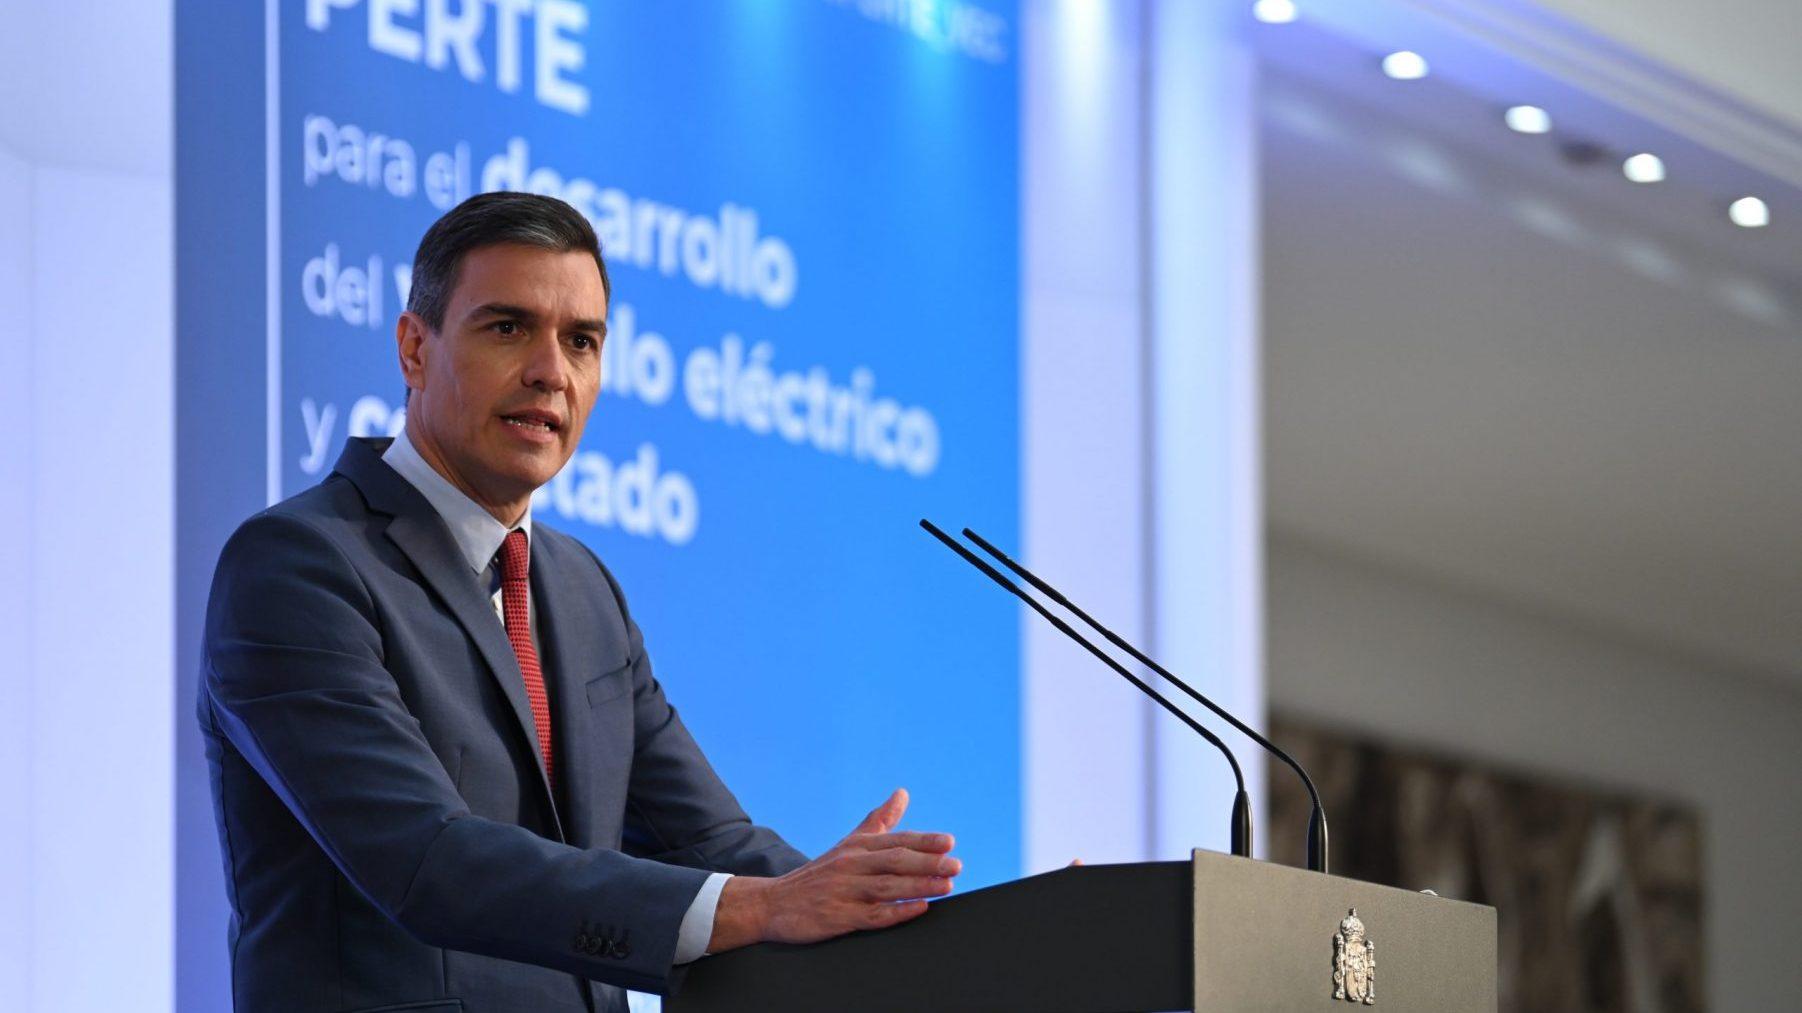 El Gobierno concreta el plan para recuperar el protagonismo de España en automoción